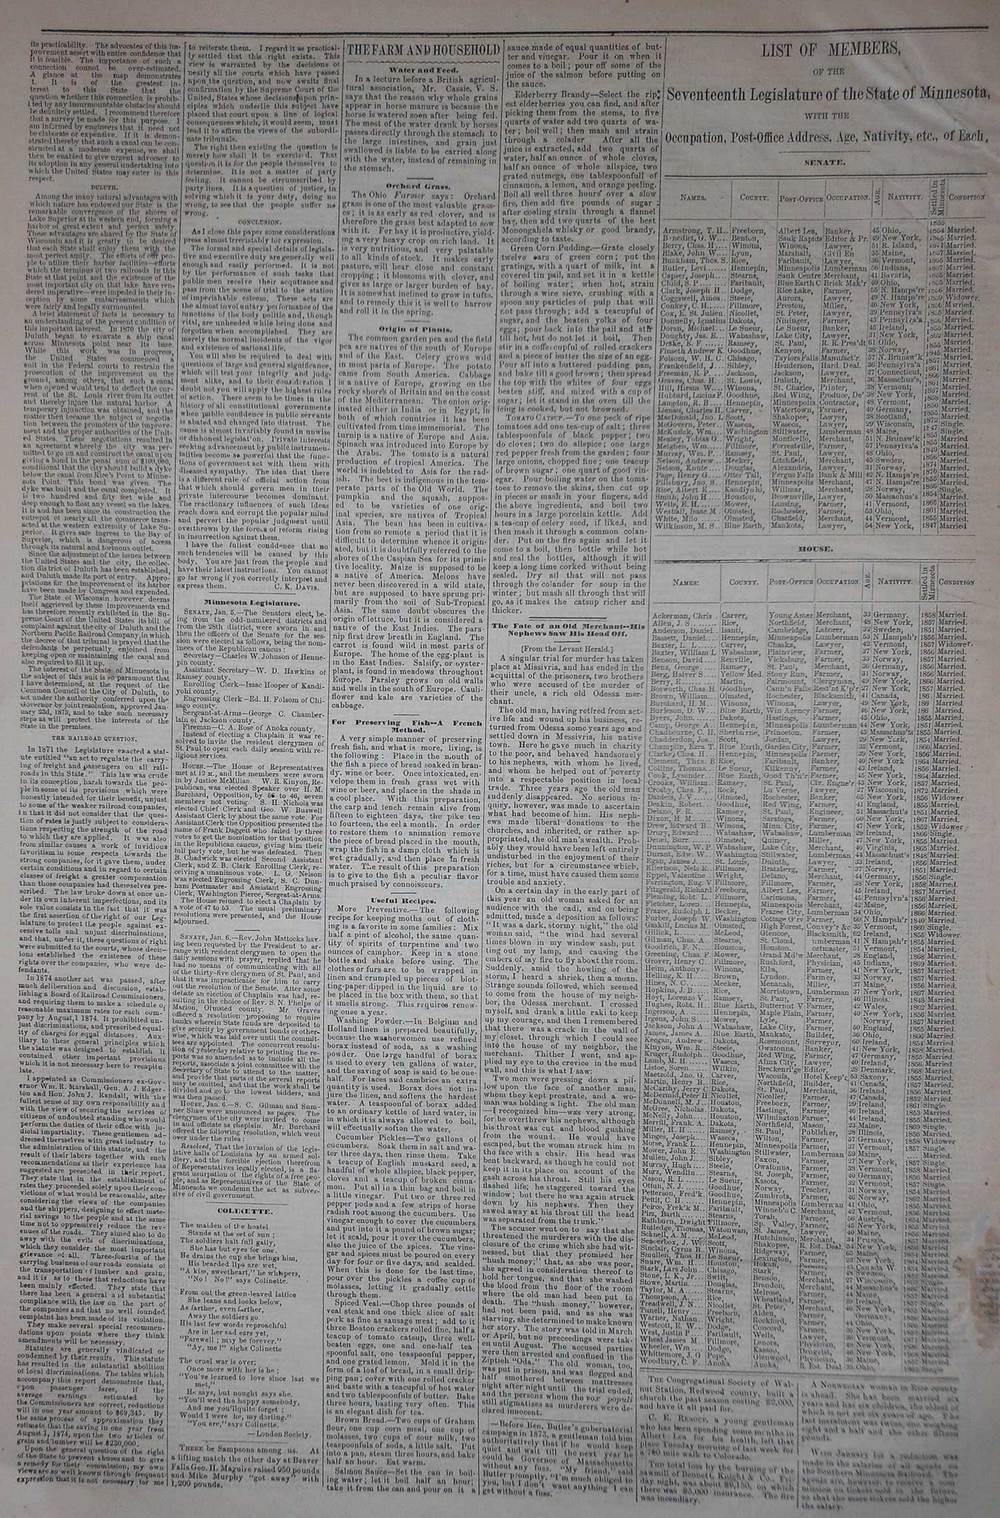 1/13/1875, Supp. 2